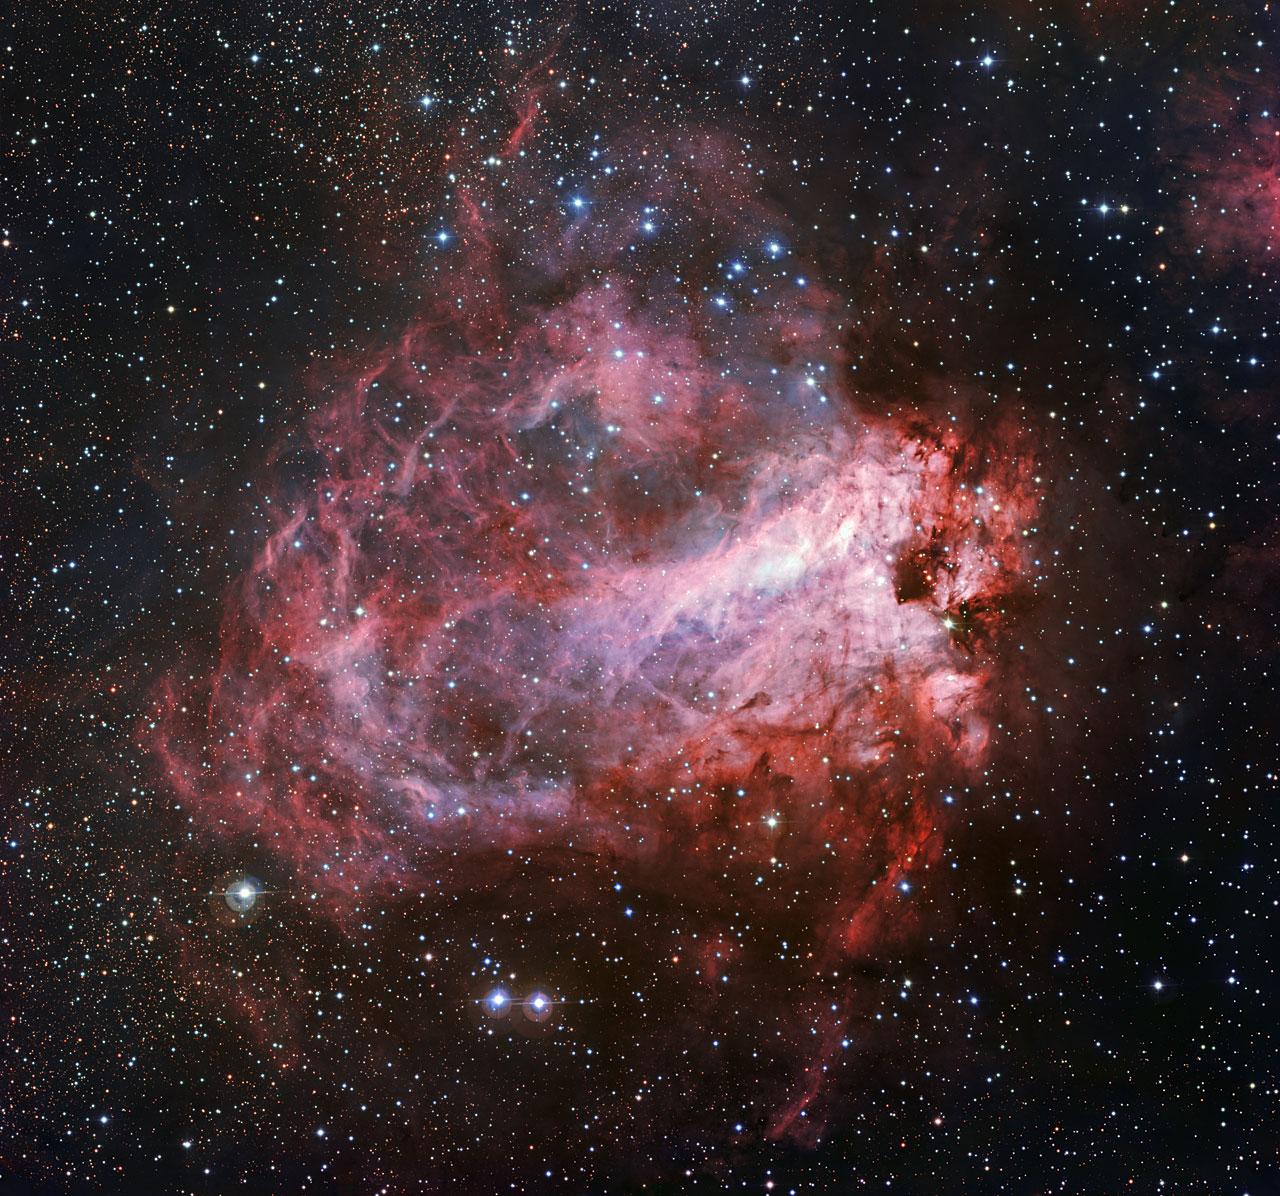 Messier 17 Star-Forming Region